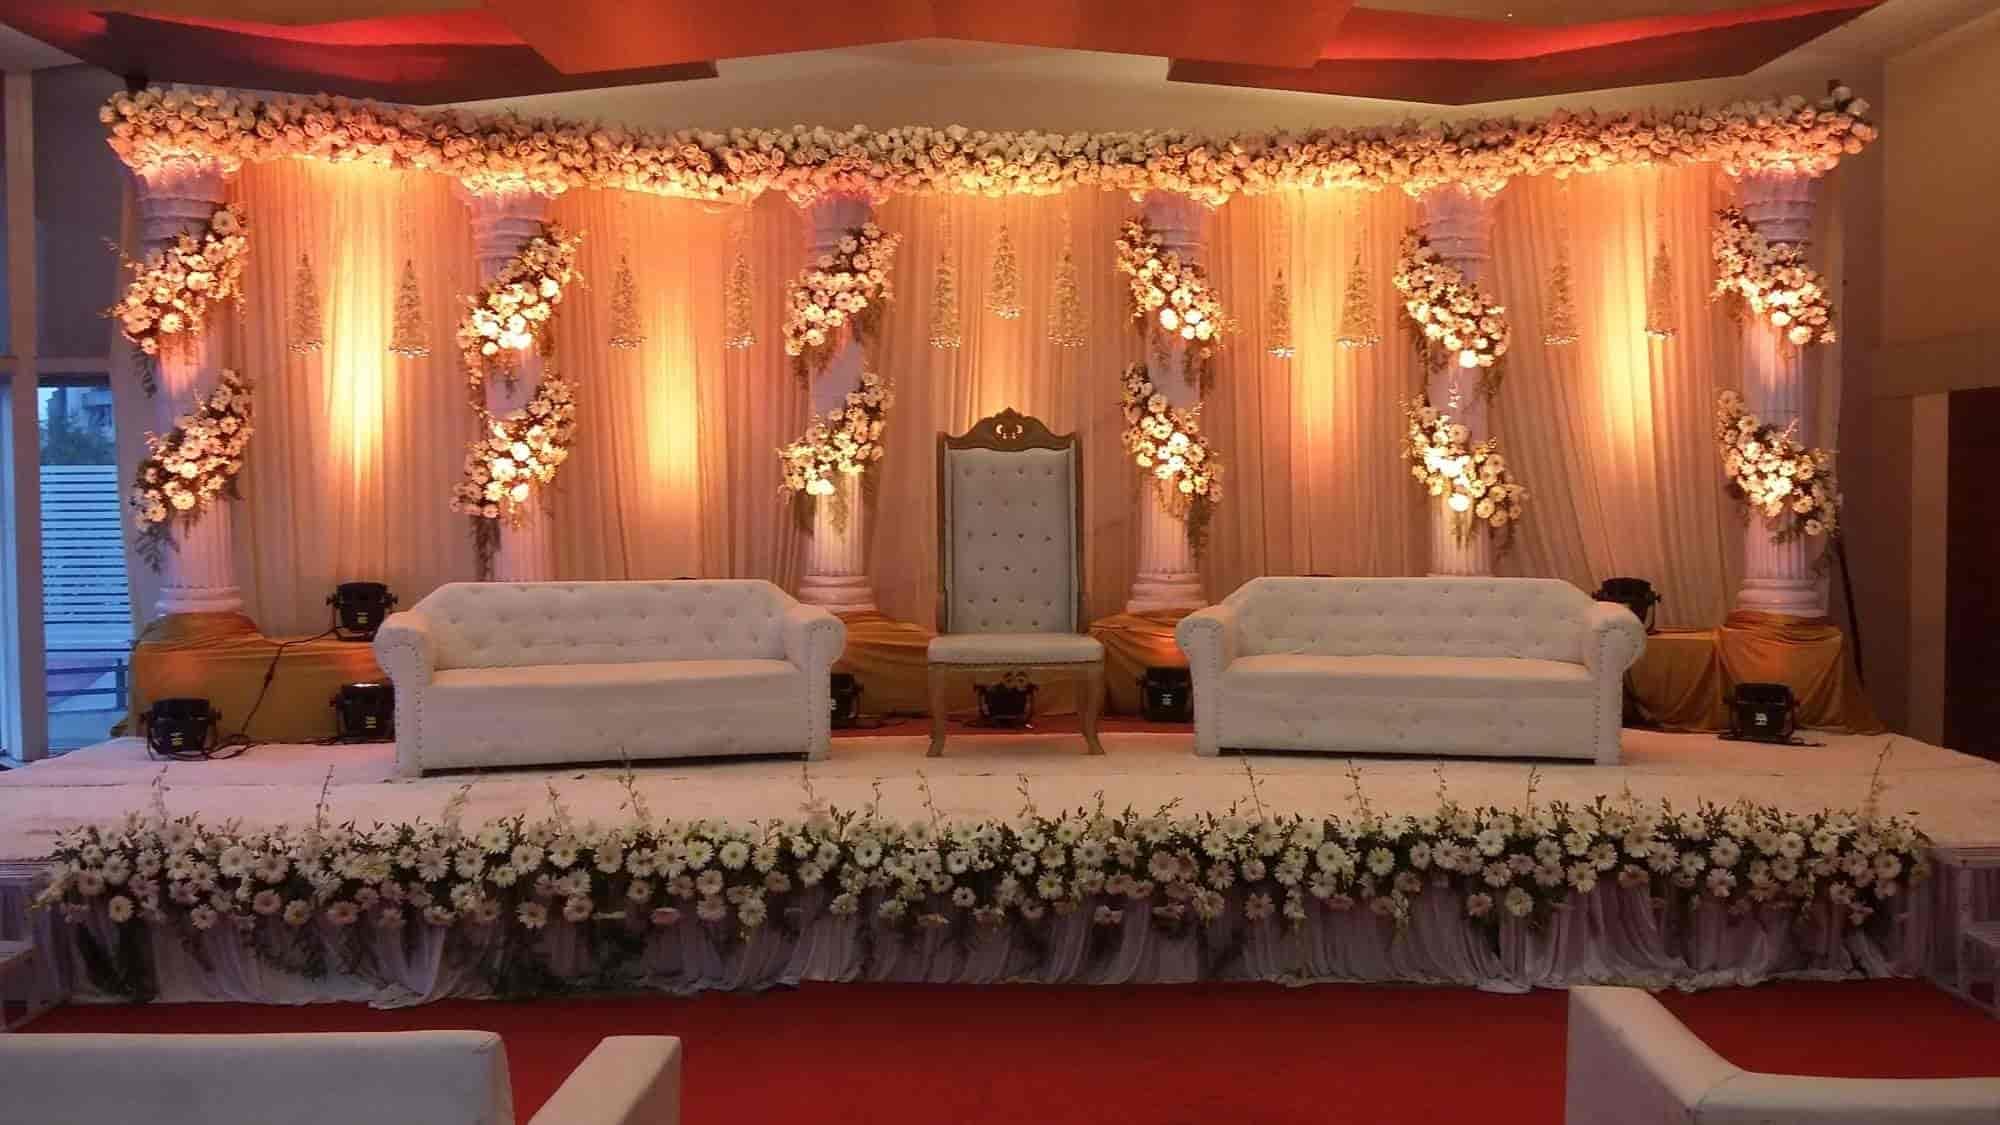 Centurion Banquet Hall Photos Seawoods Mumbai Ac Halls